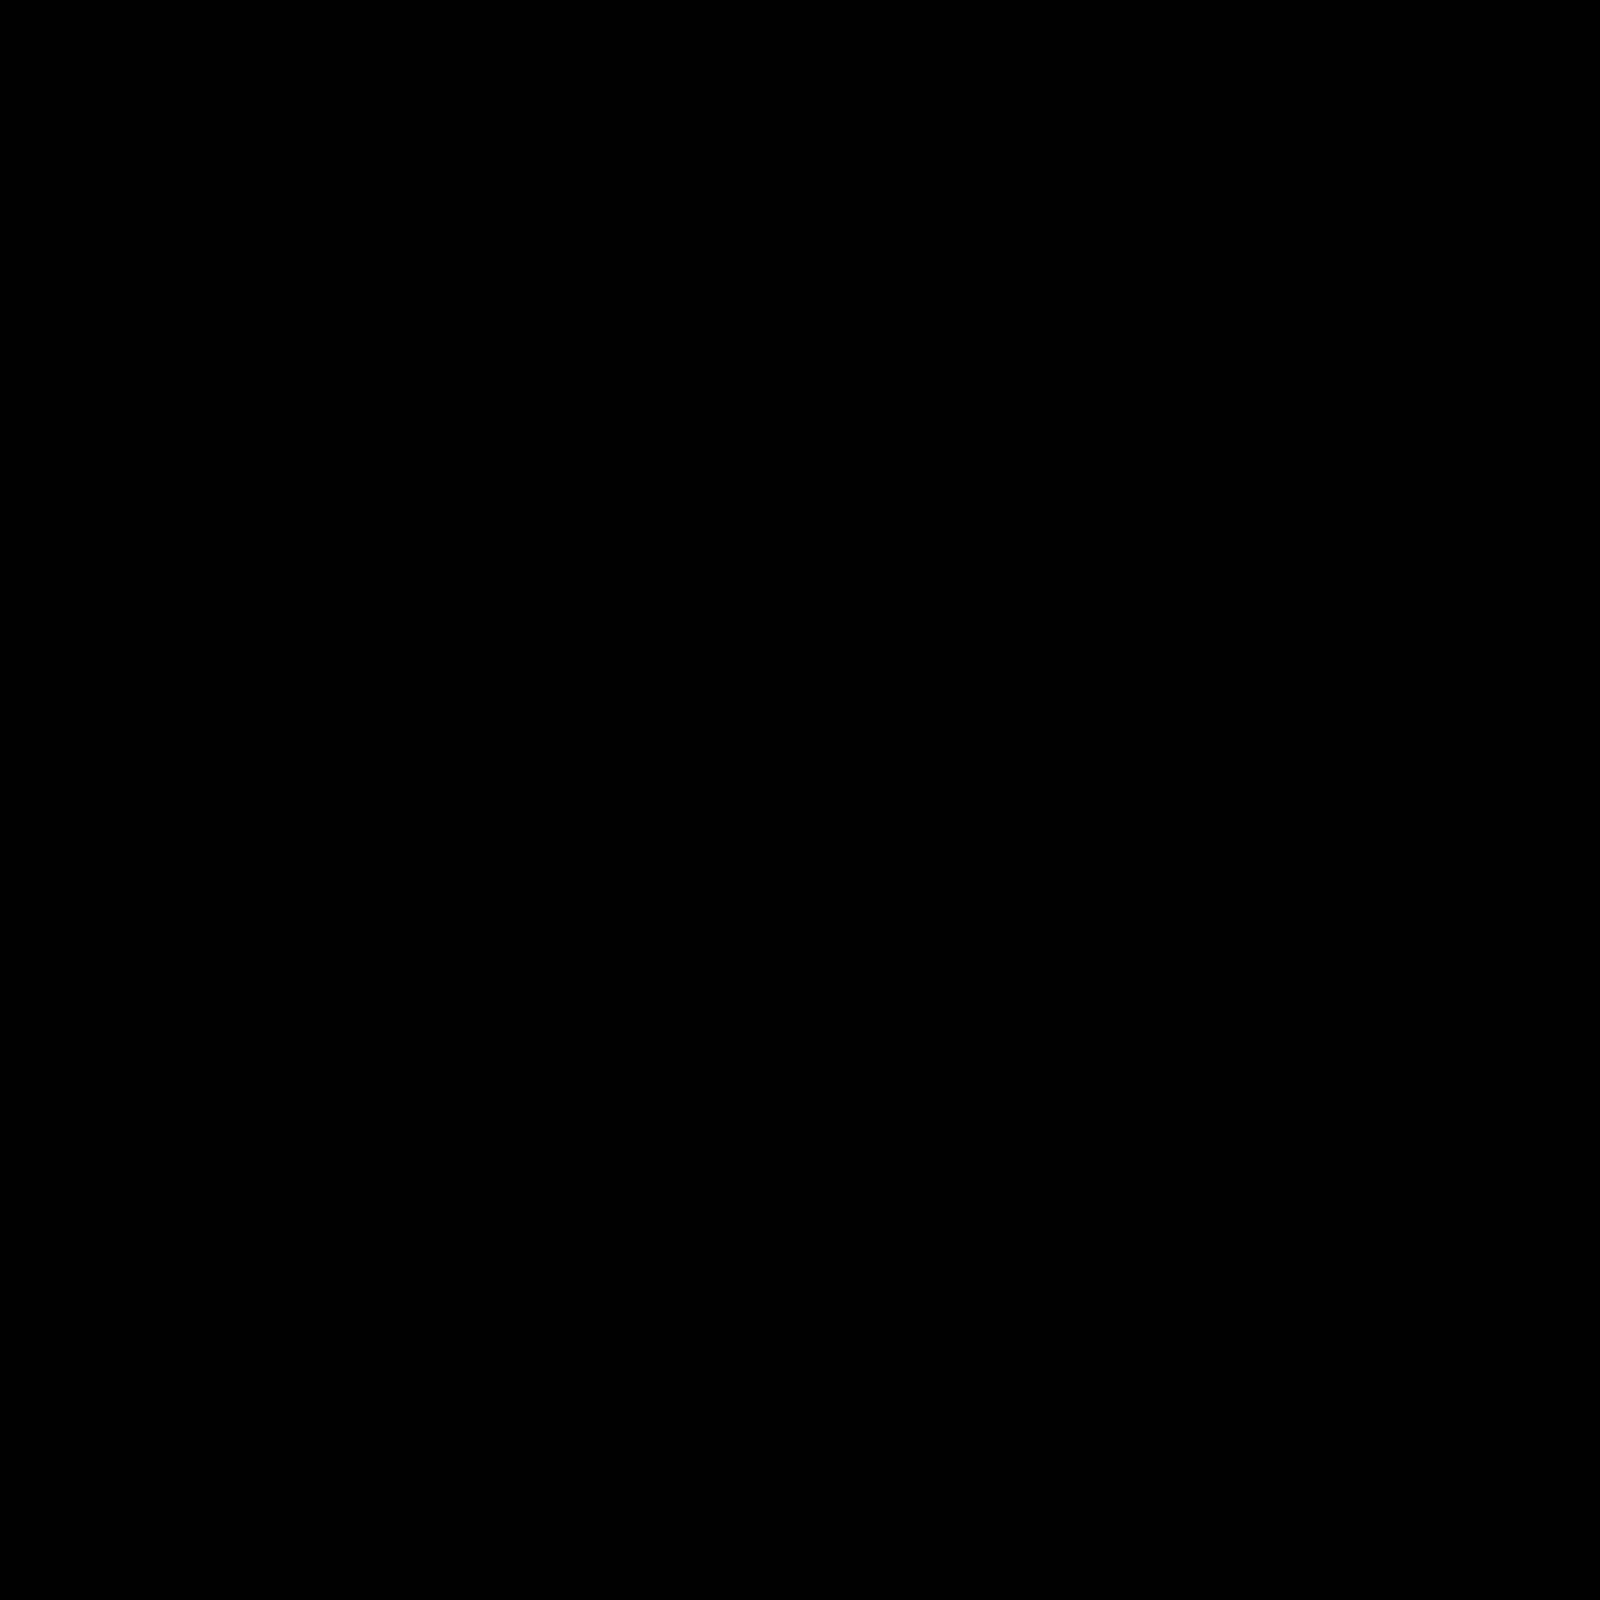 飛行機の離陸 icon. It's an airplane. The body of the cabin is long and narrow. The plane has two winds on each side, both triangular in shape. The back of the plane had a upwards tail that is taller than the rest of the plane.